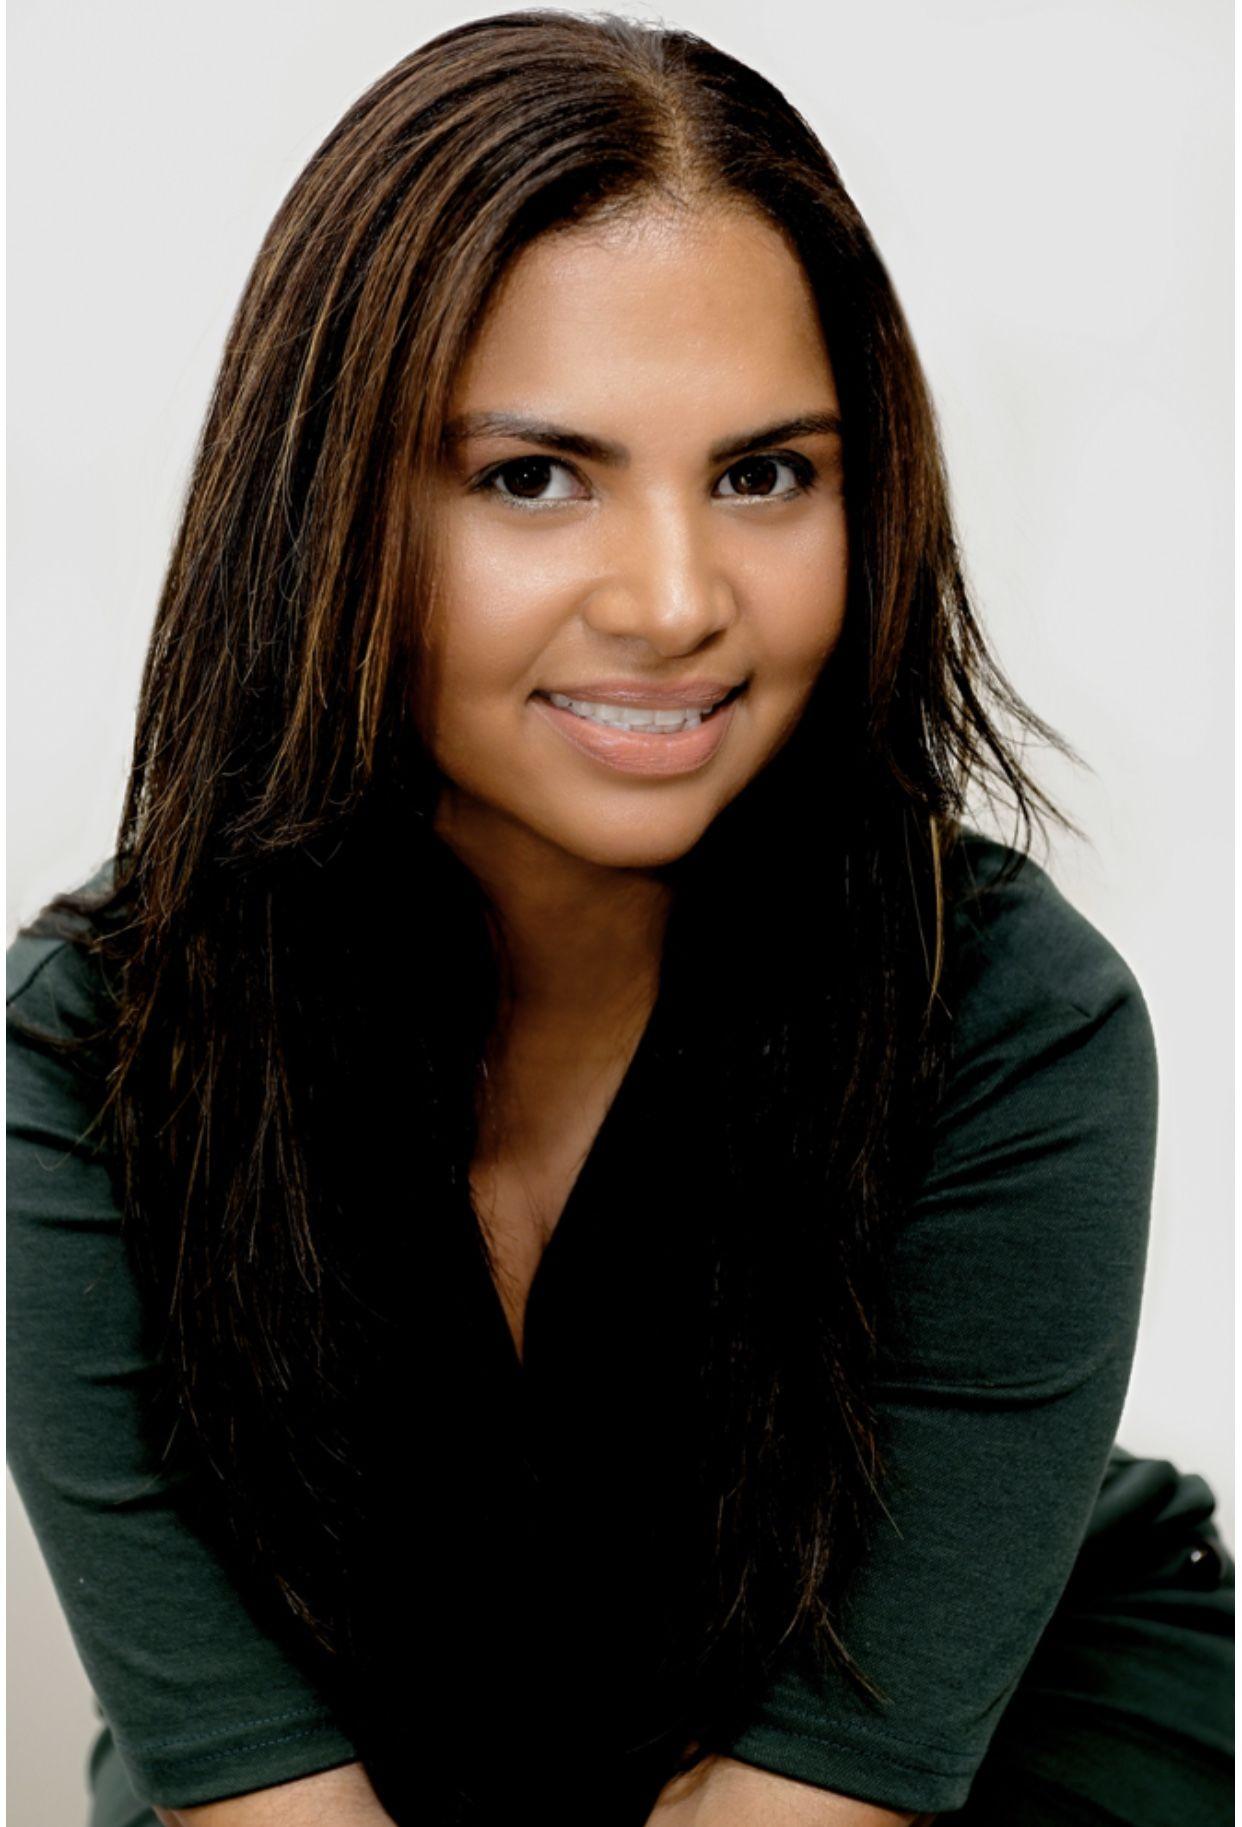 Jessica Polanco